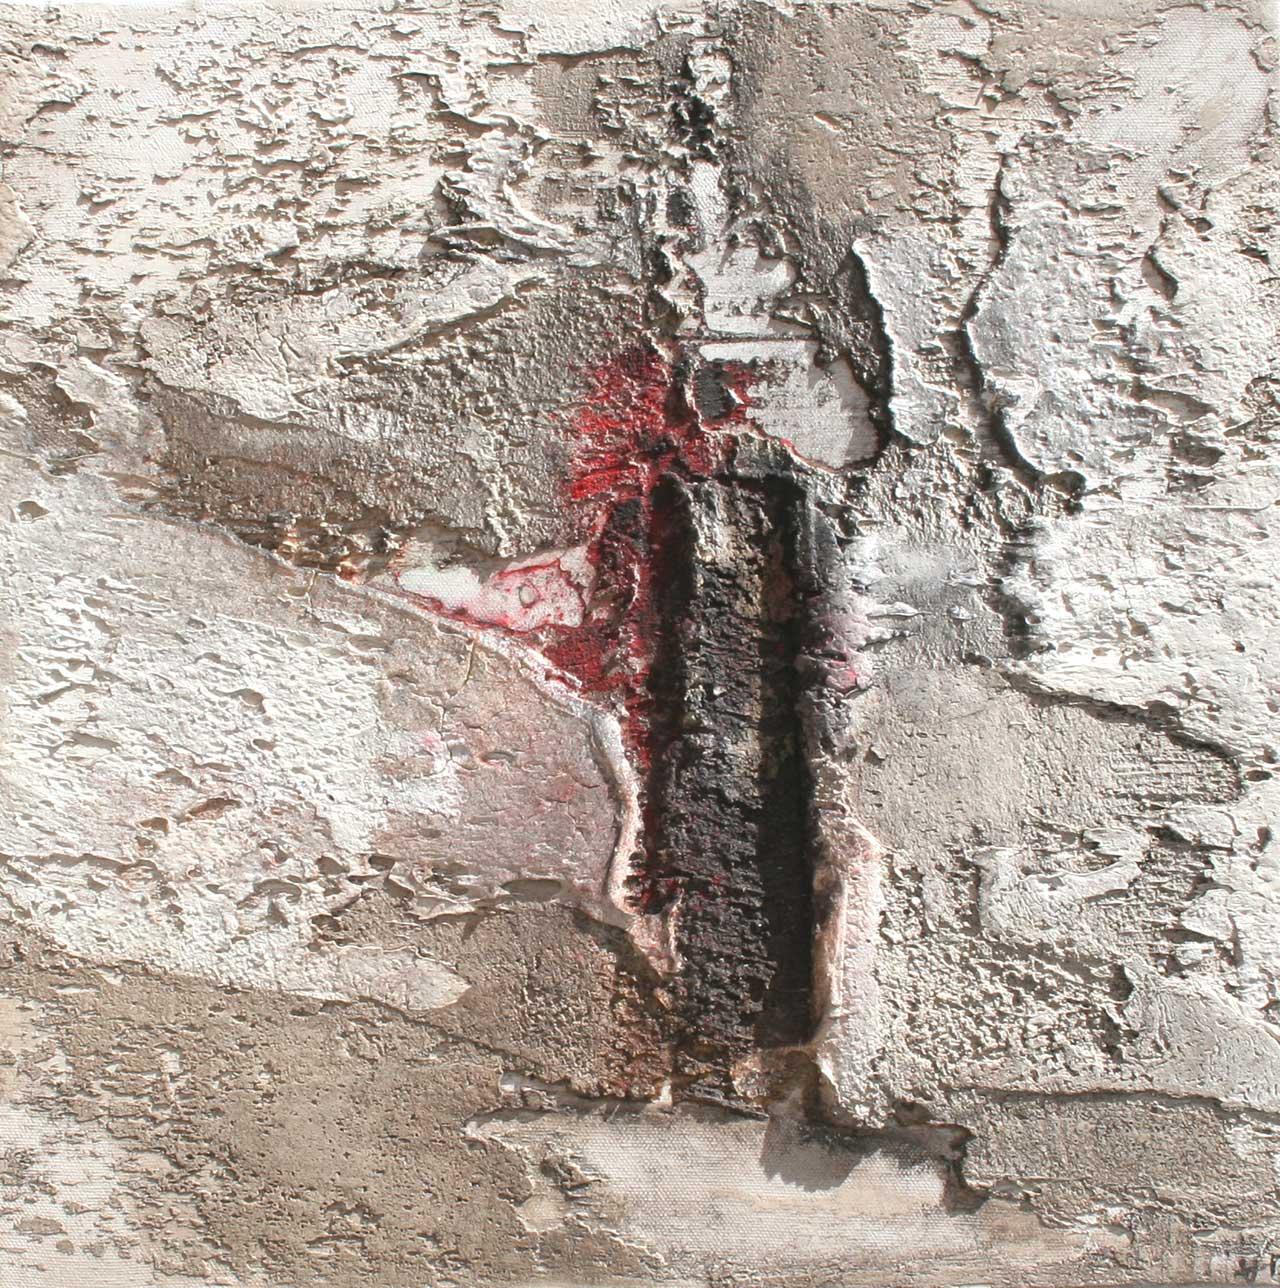 Struktur Erde 6 Verletzung Mischtechnik auf Leinwand